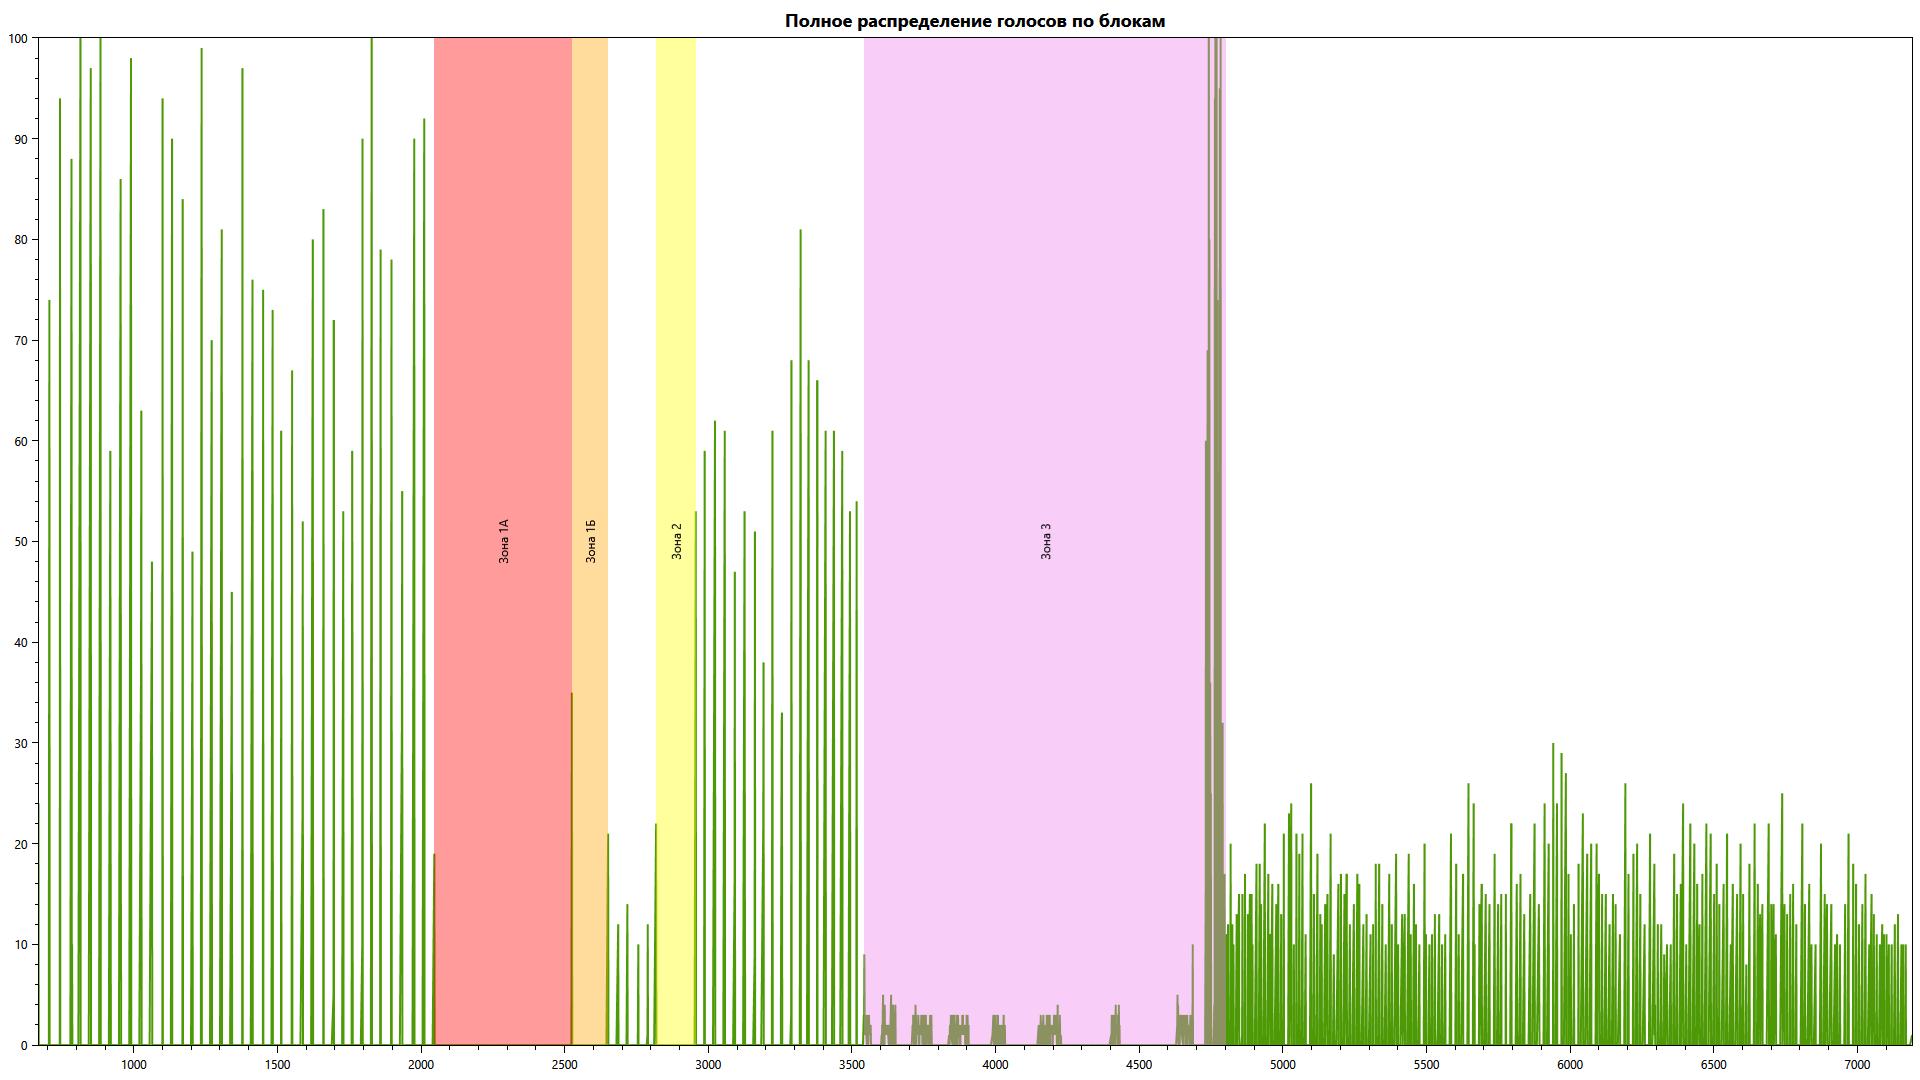 Анализ данных блокчейн-голосования 2019 года в Московскую Городскую Думу - 2